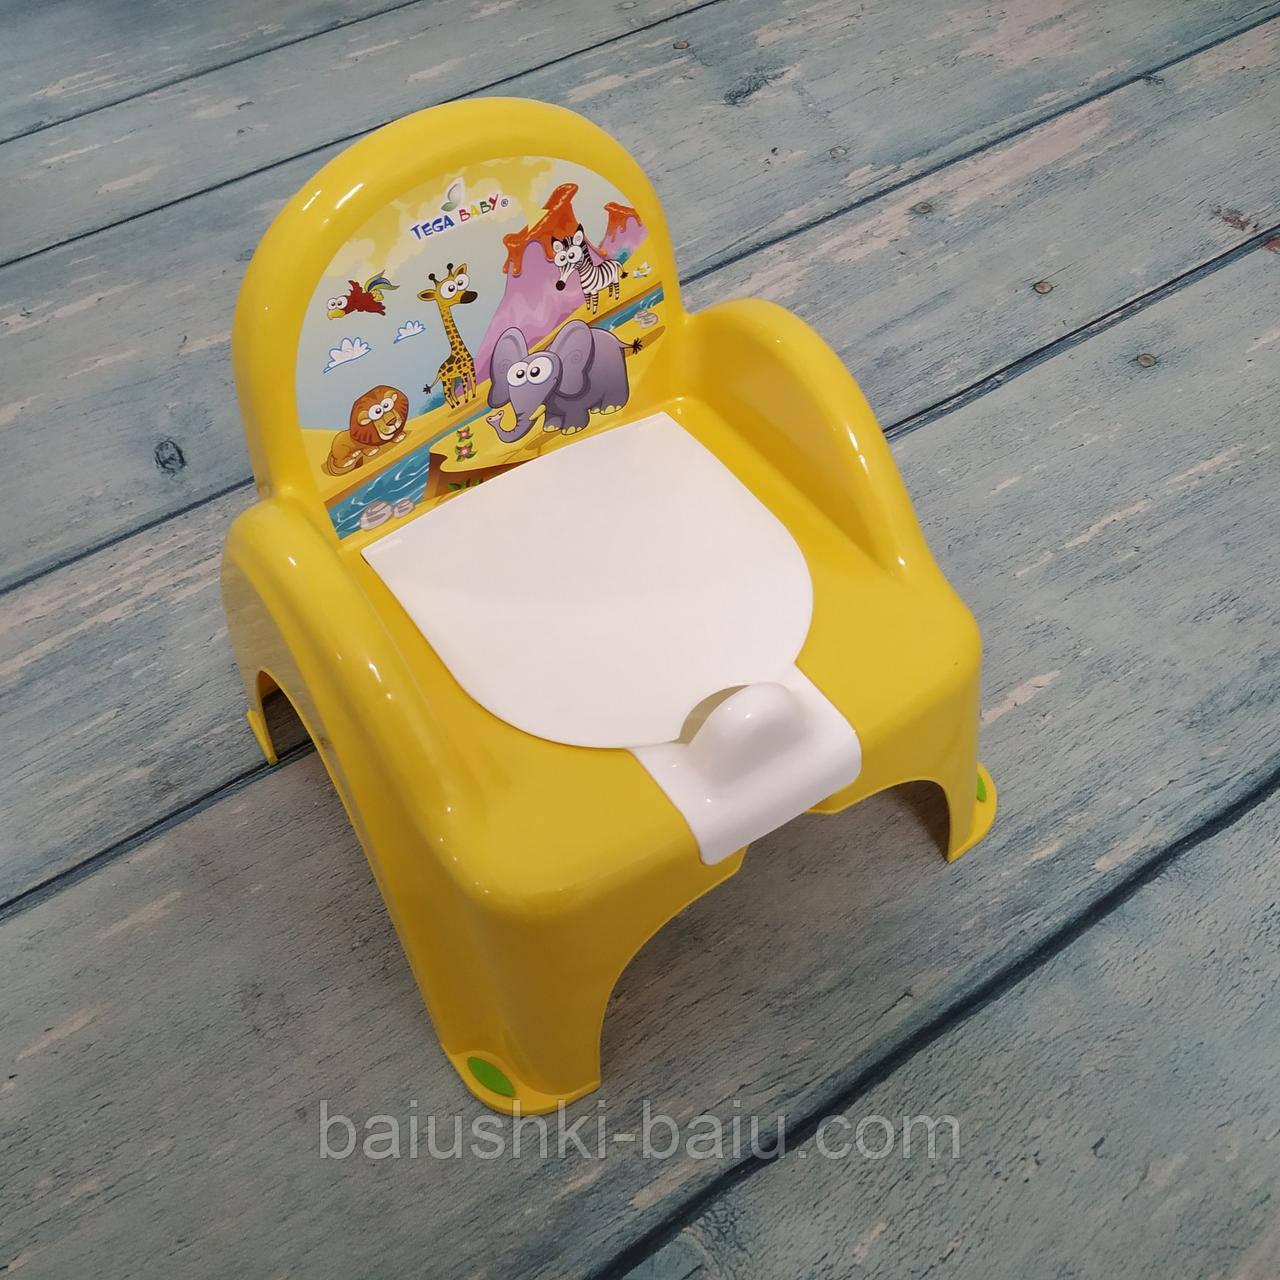 Детский горшок трон стульчик Сафари, Tega